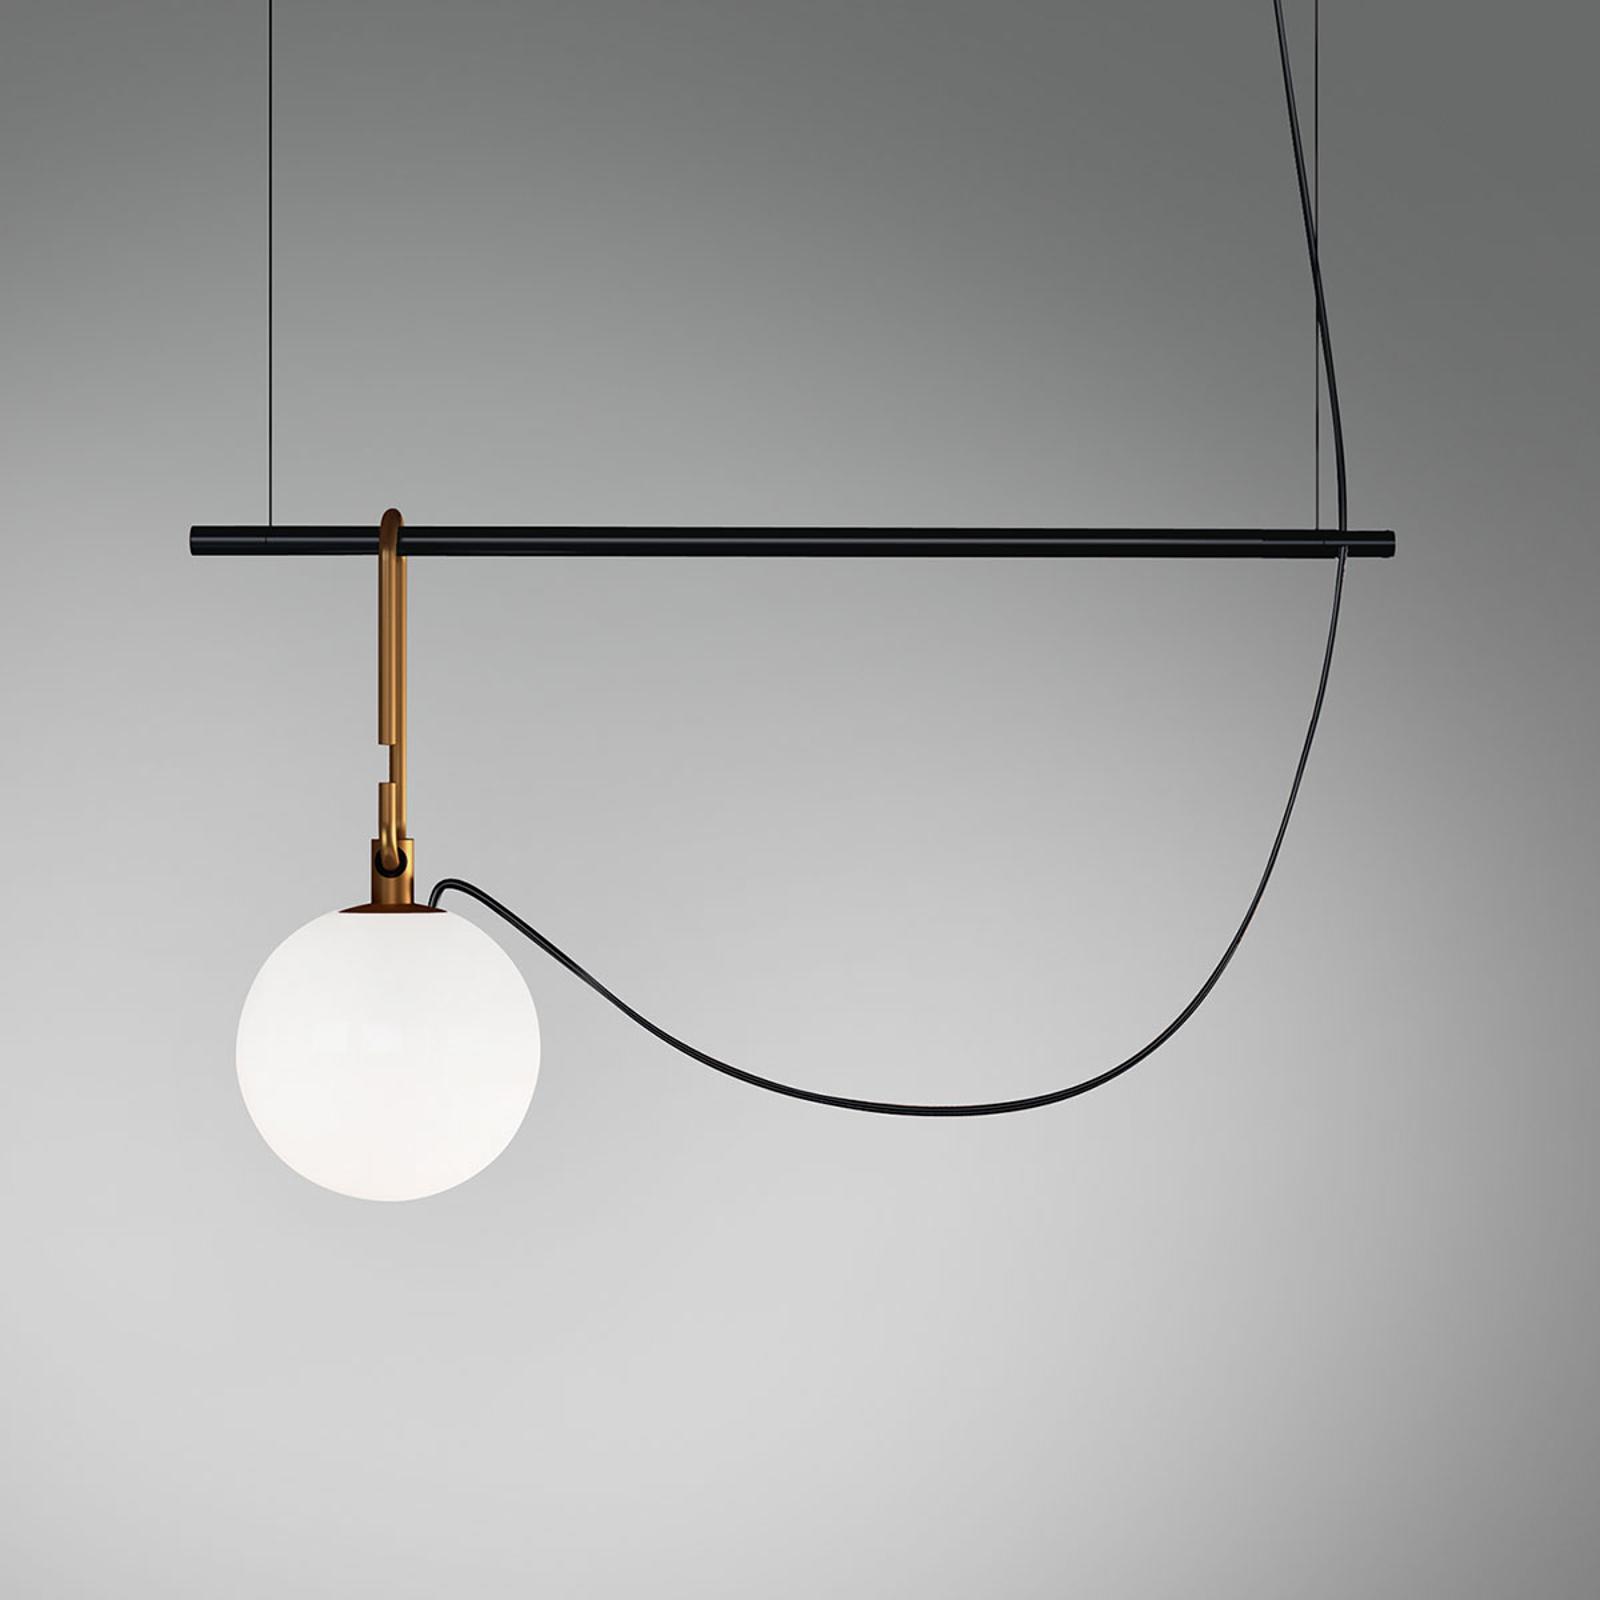 Artemide nh S1 14 suspension 55cm sphère Ø 14cm